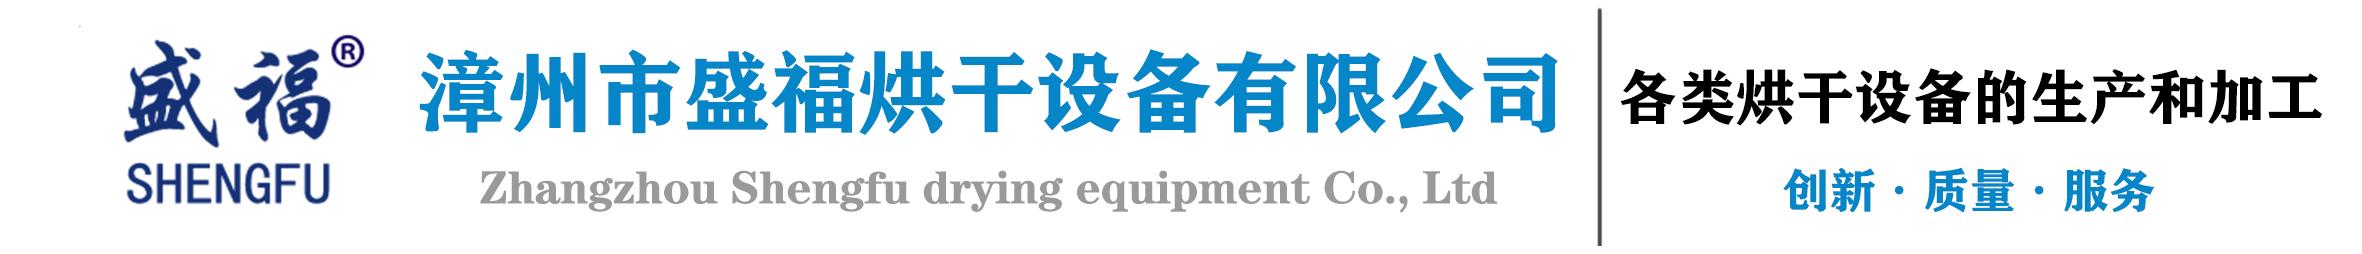 漳州市盛福烘干设备有限公司